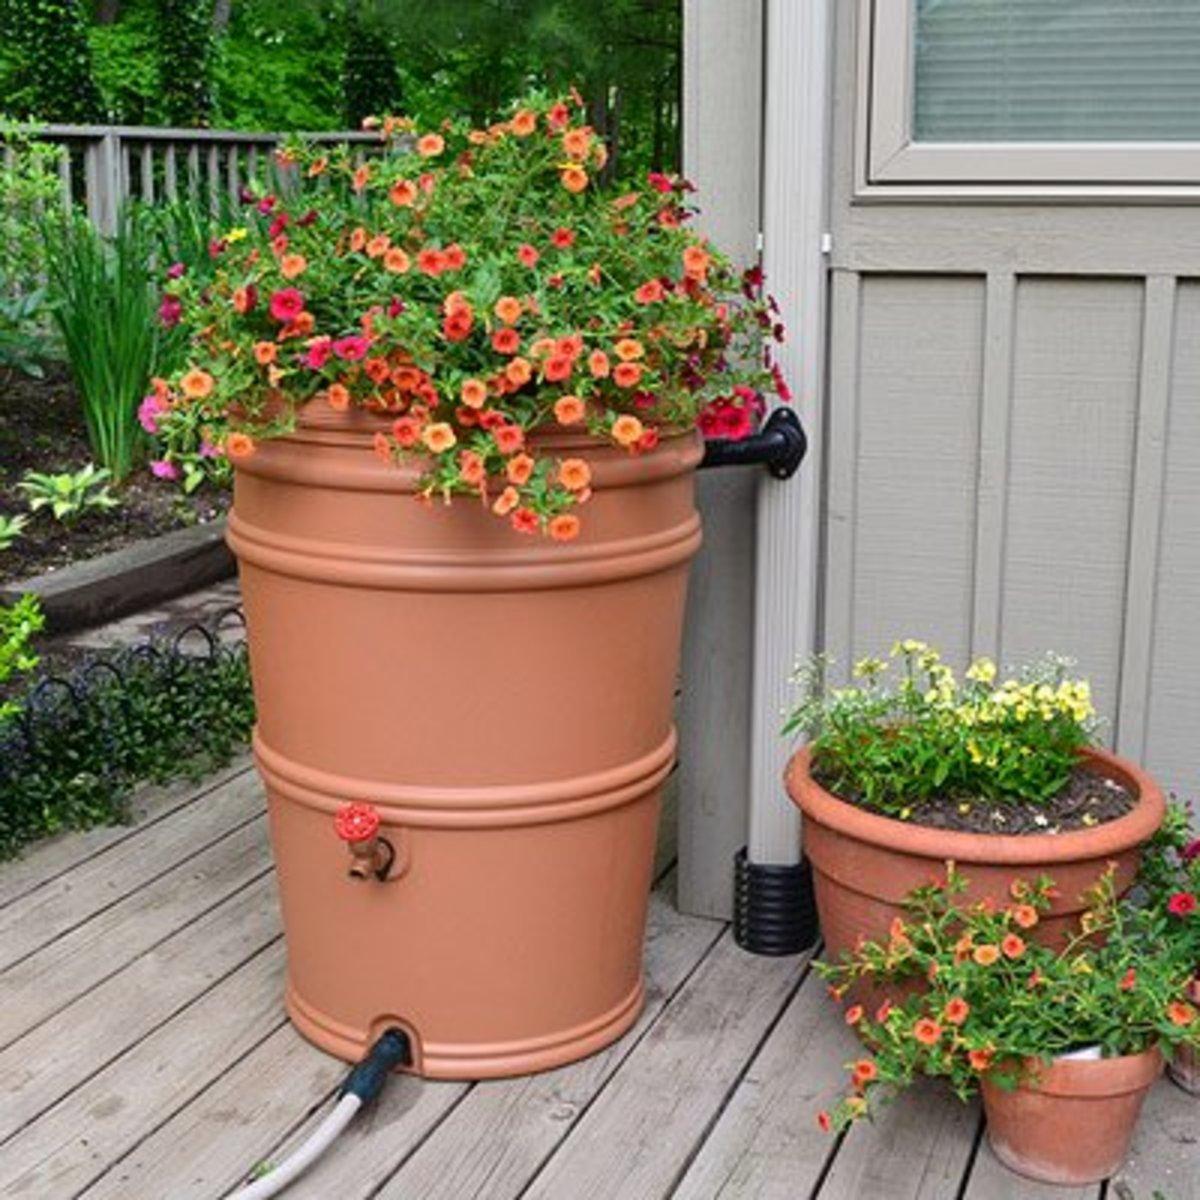 Water-Wise Gardening Tips